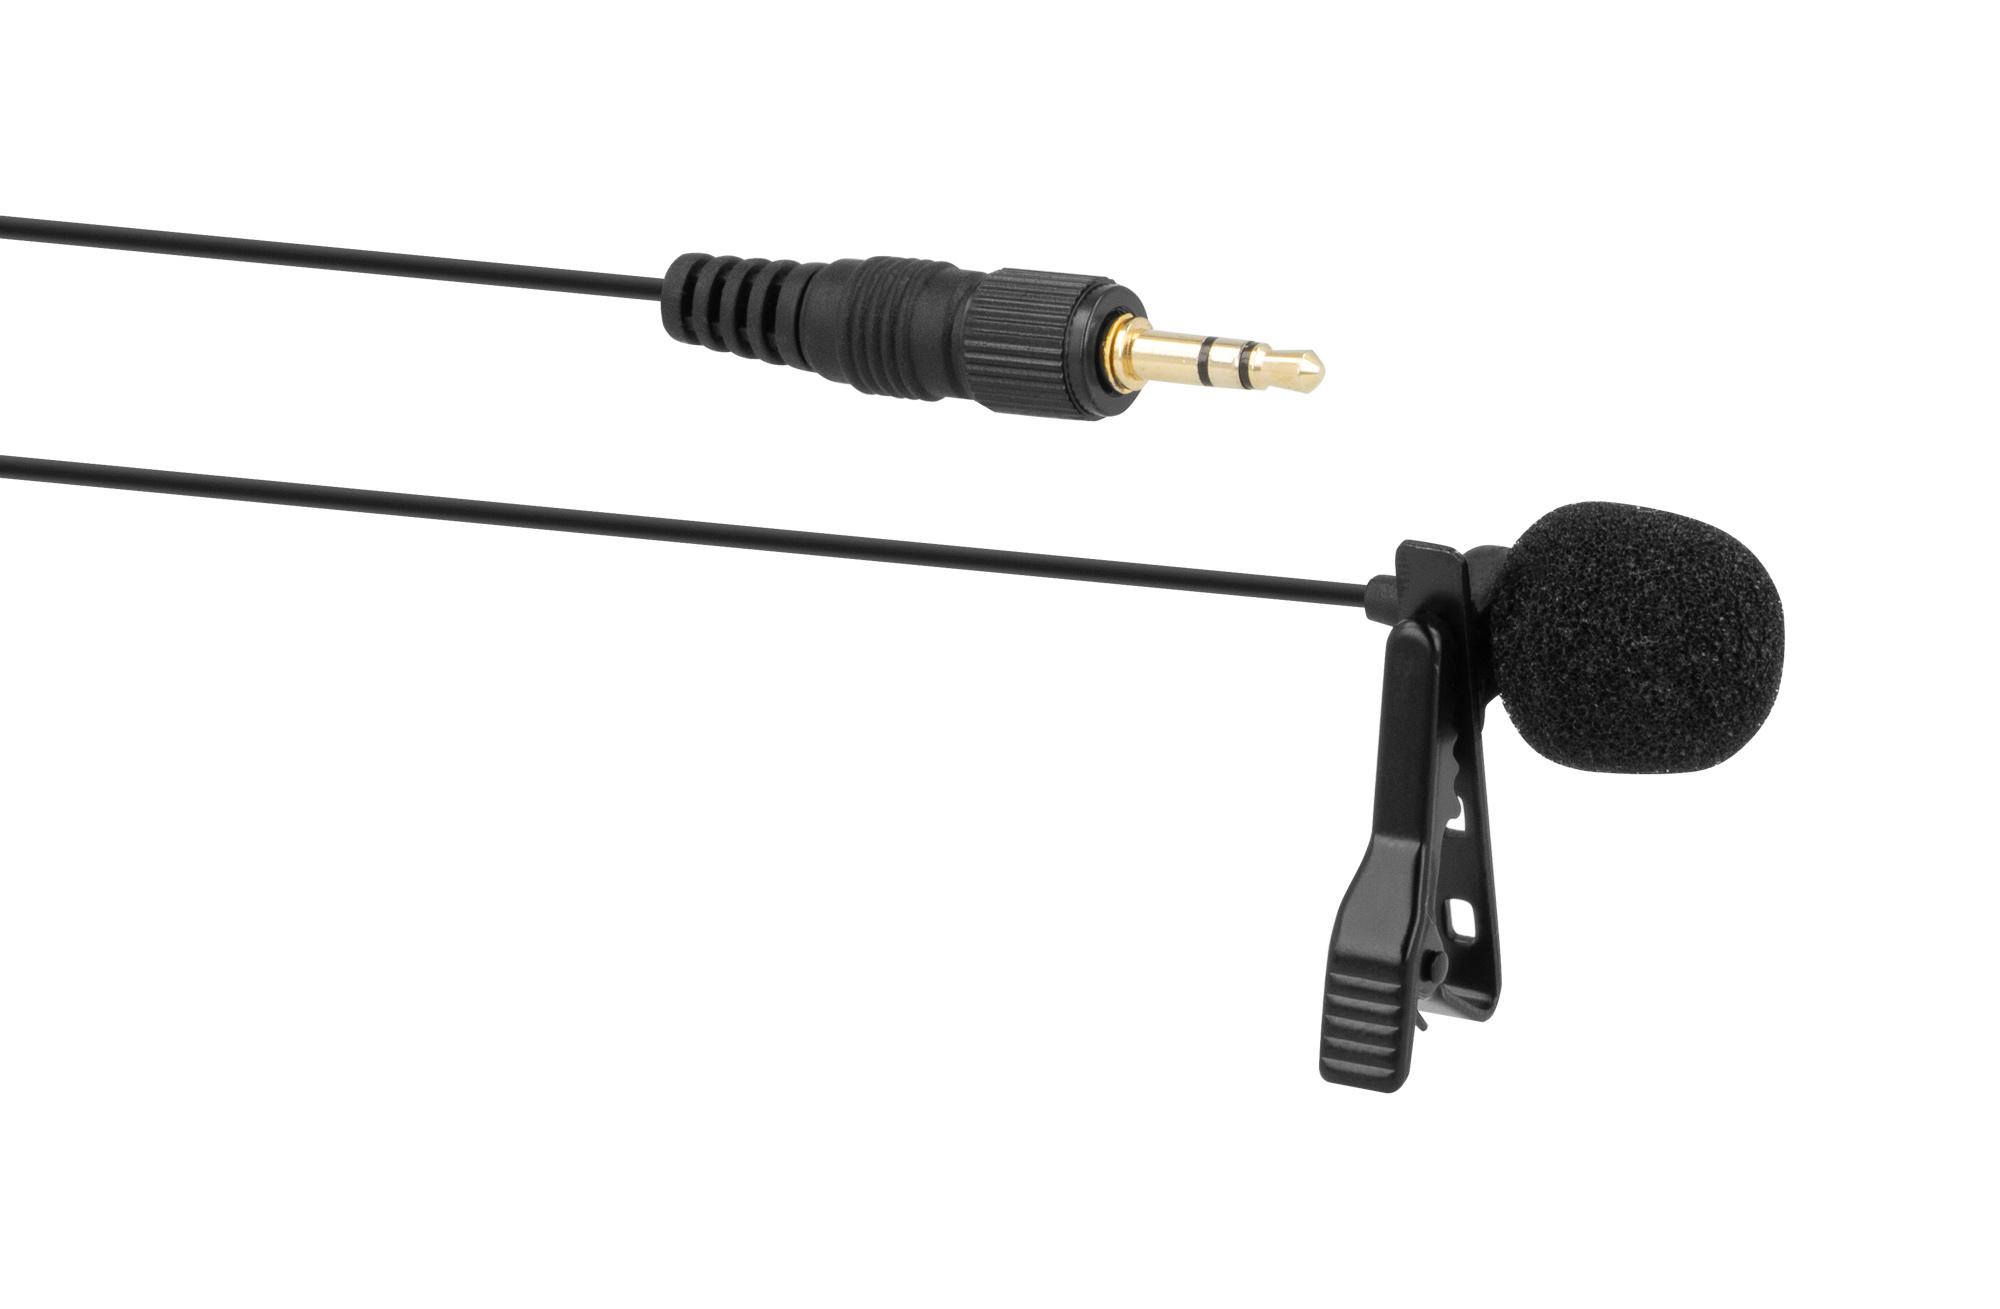 Saramonic SR-UM10-M1 - mikrofon krawatowy ze złączem mini Jack Saramonic SR-UM10-M1